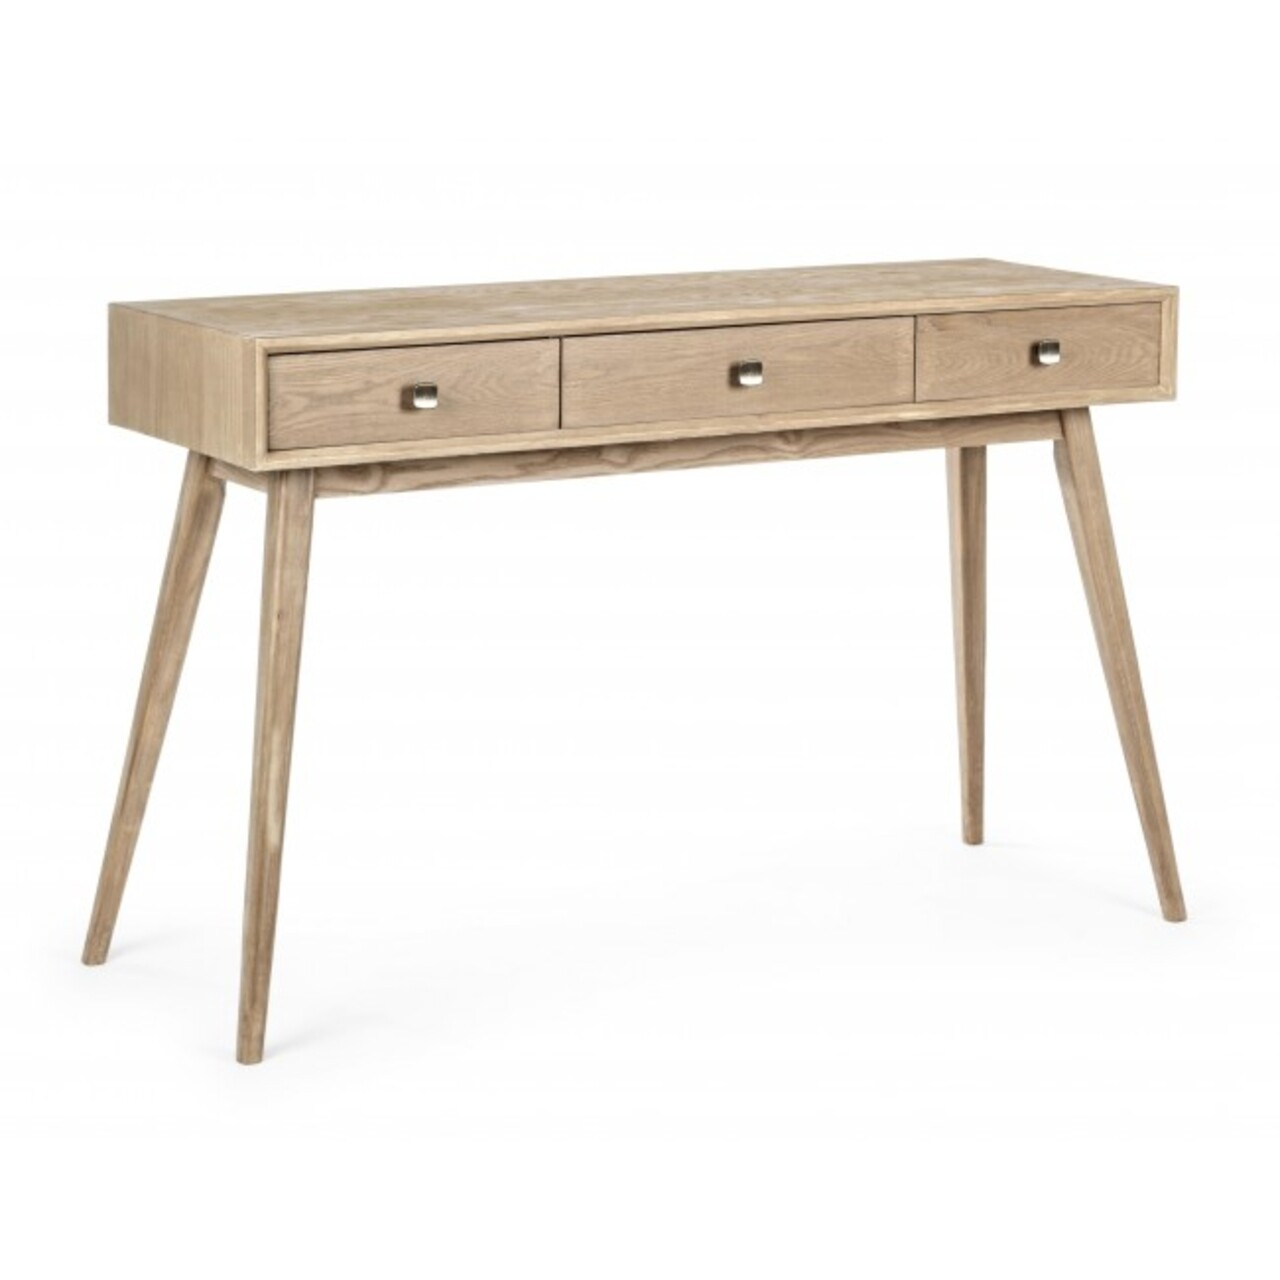 Consola cu 3 sertare, Alannis, Bizzotto, 120x40x78 cm, lemn de frasin